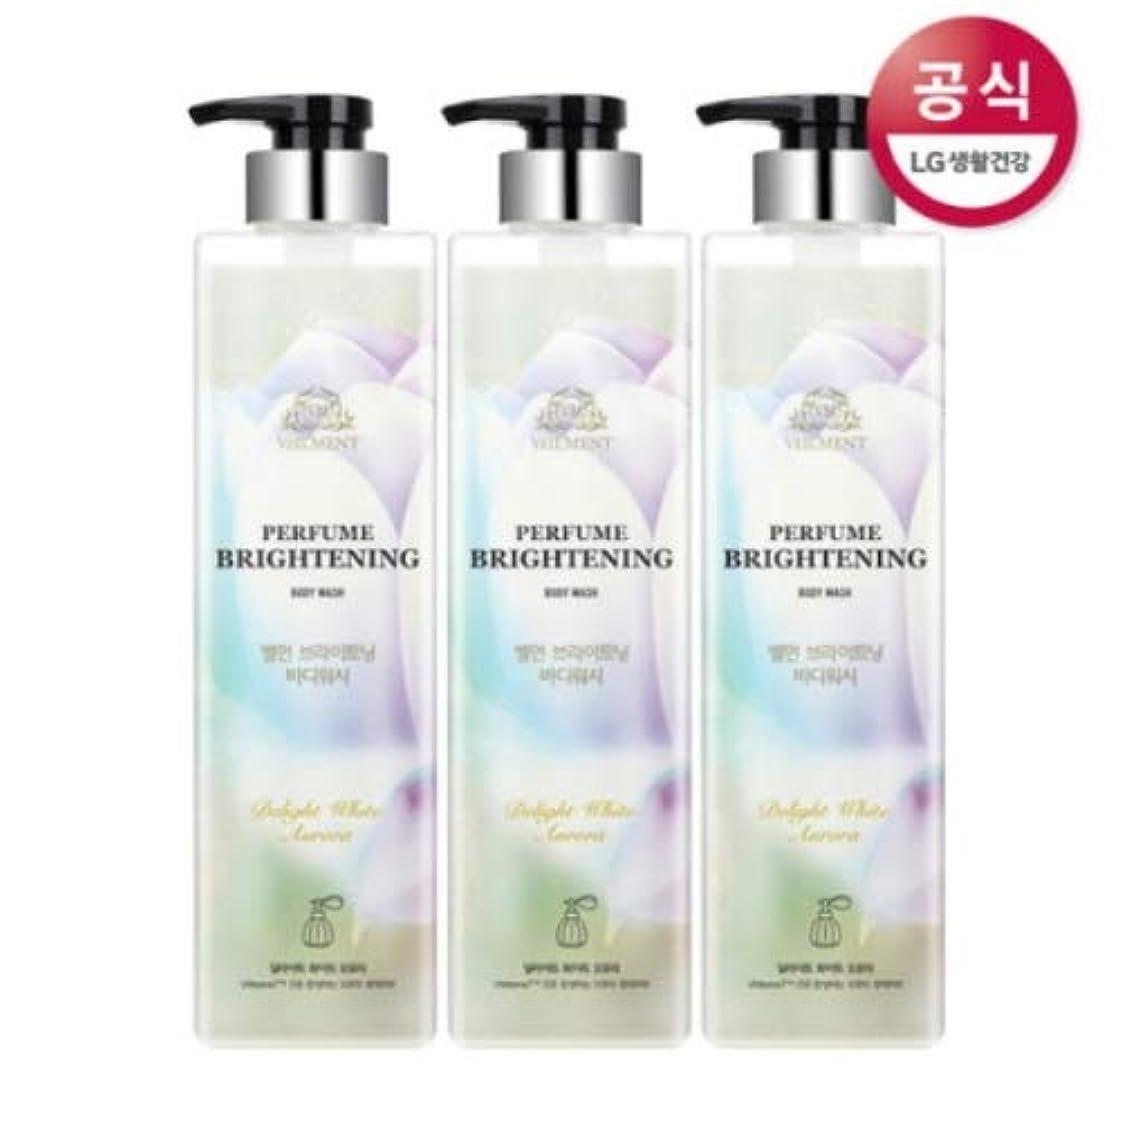 一生ディーラーイーウェル[LG HnB] On the Body Belman Perfume Brightening Body Wash / オンザボディベルモンパフュームブライトニングボディウォッシュ680mlx3個(海外直送品)